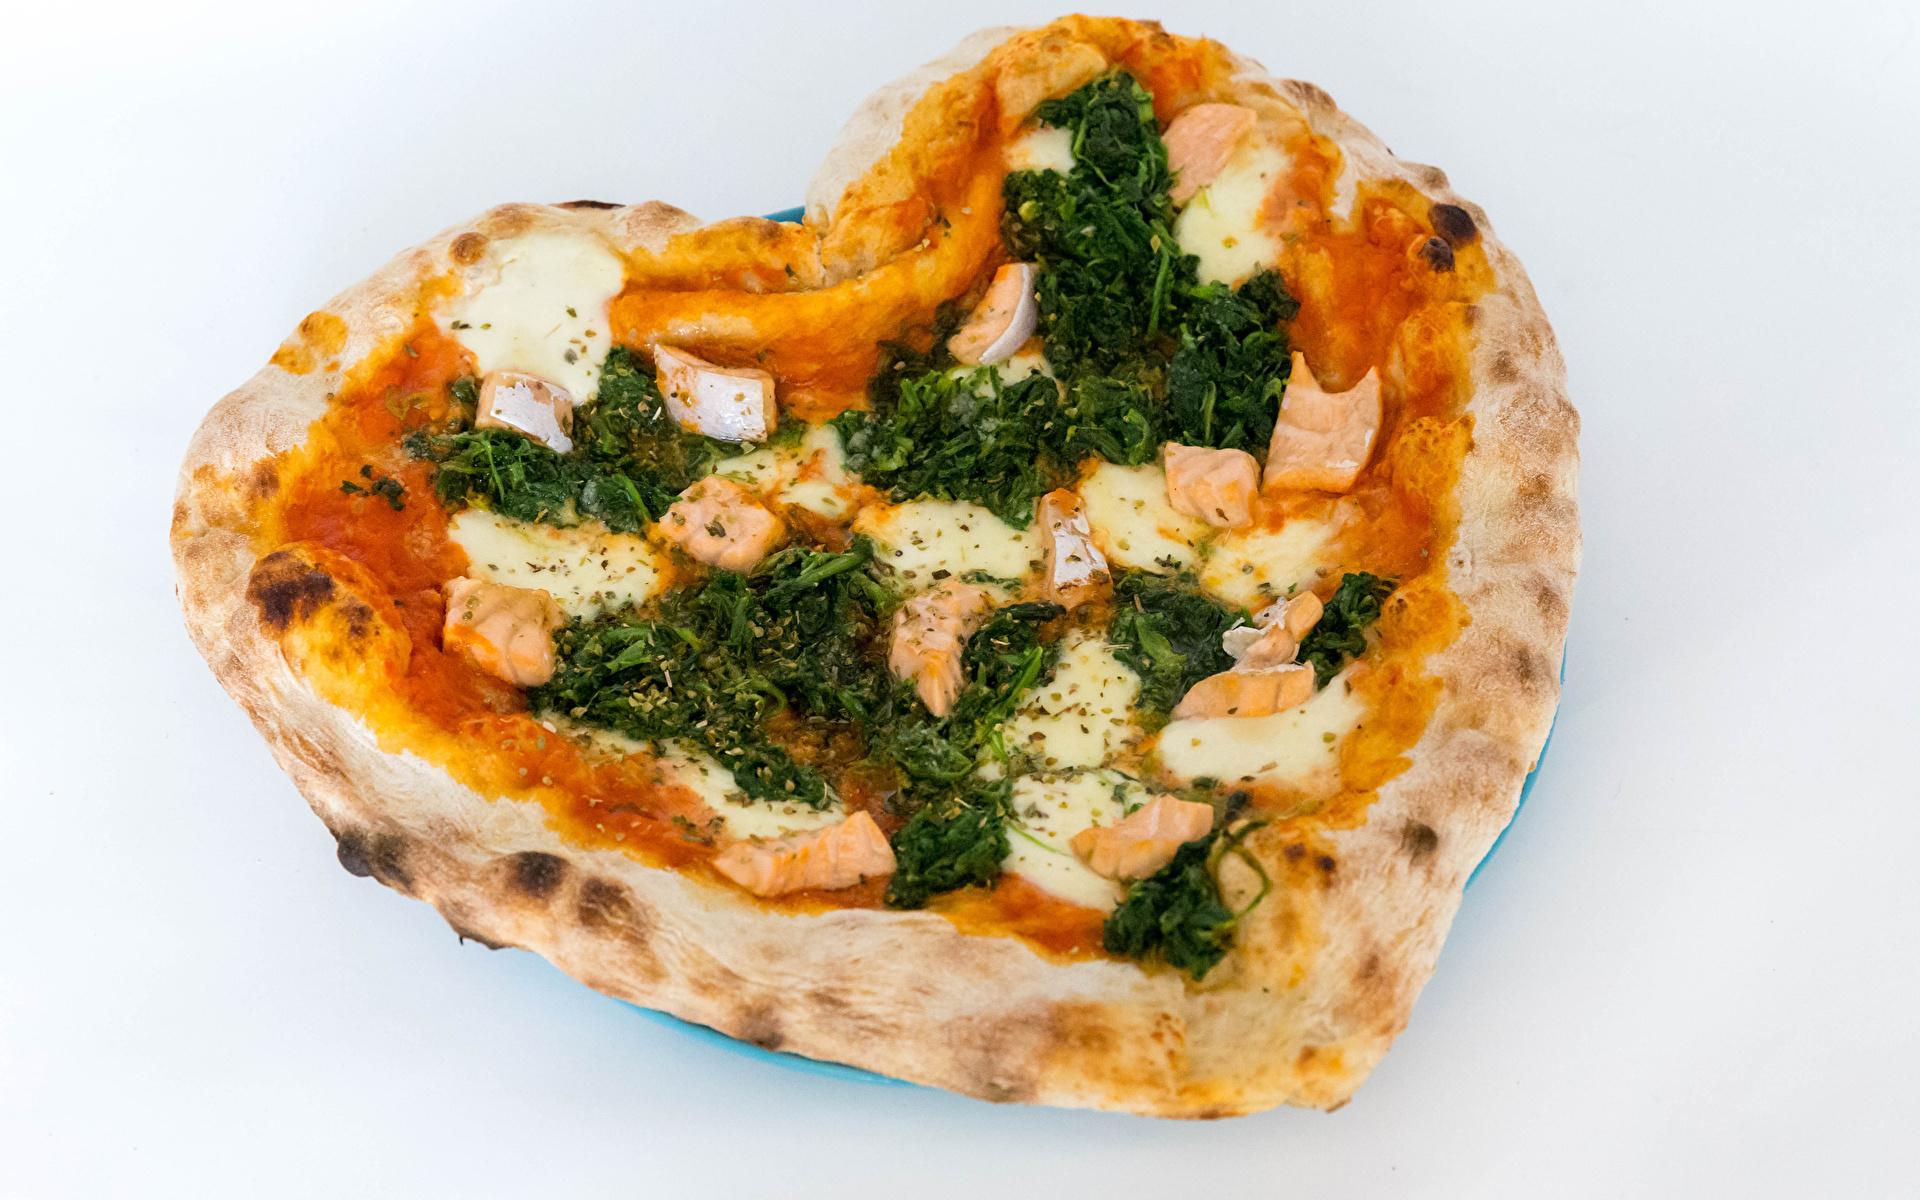 Картинки Сердце Пицца Быстрое питание Пища Серый фон 1920x1200 серце сердца сердечко Фастфуд Еда Продукты питания сером фоне